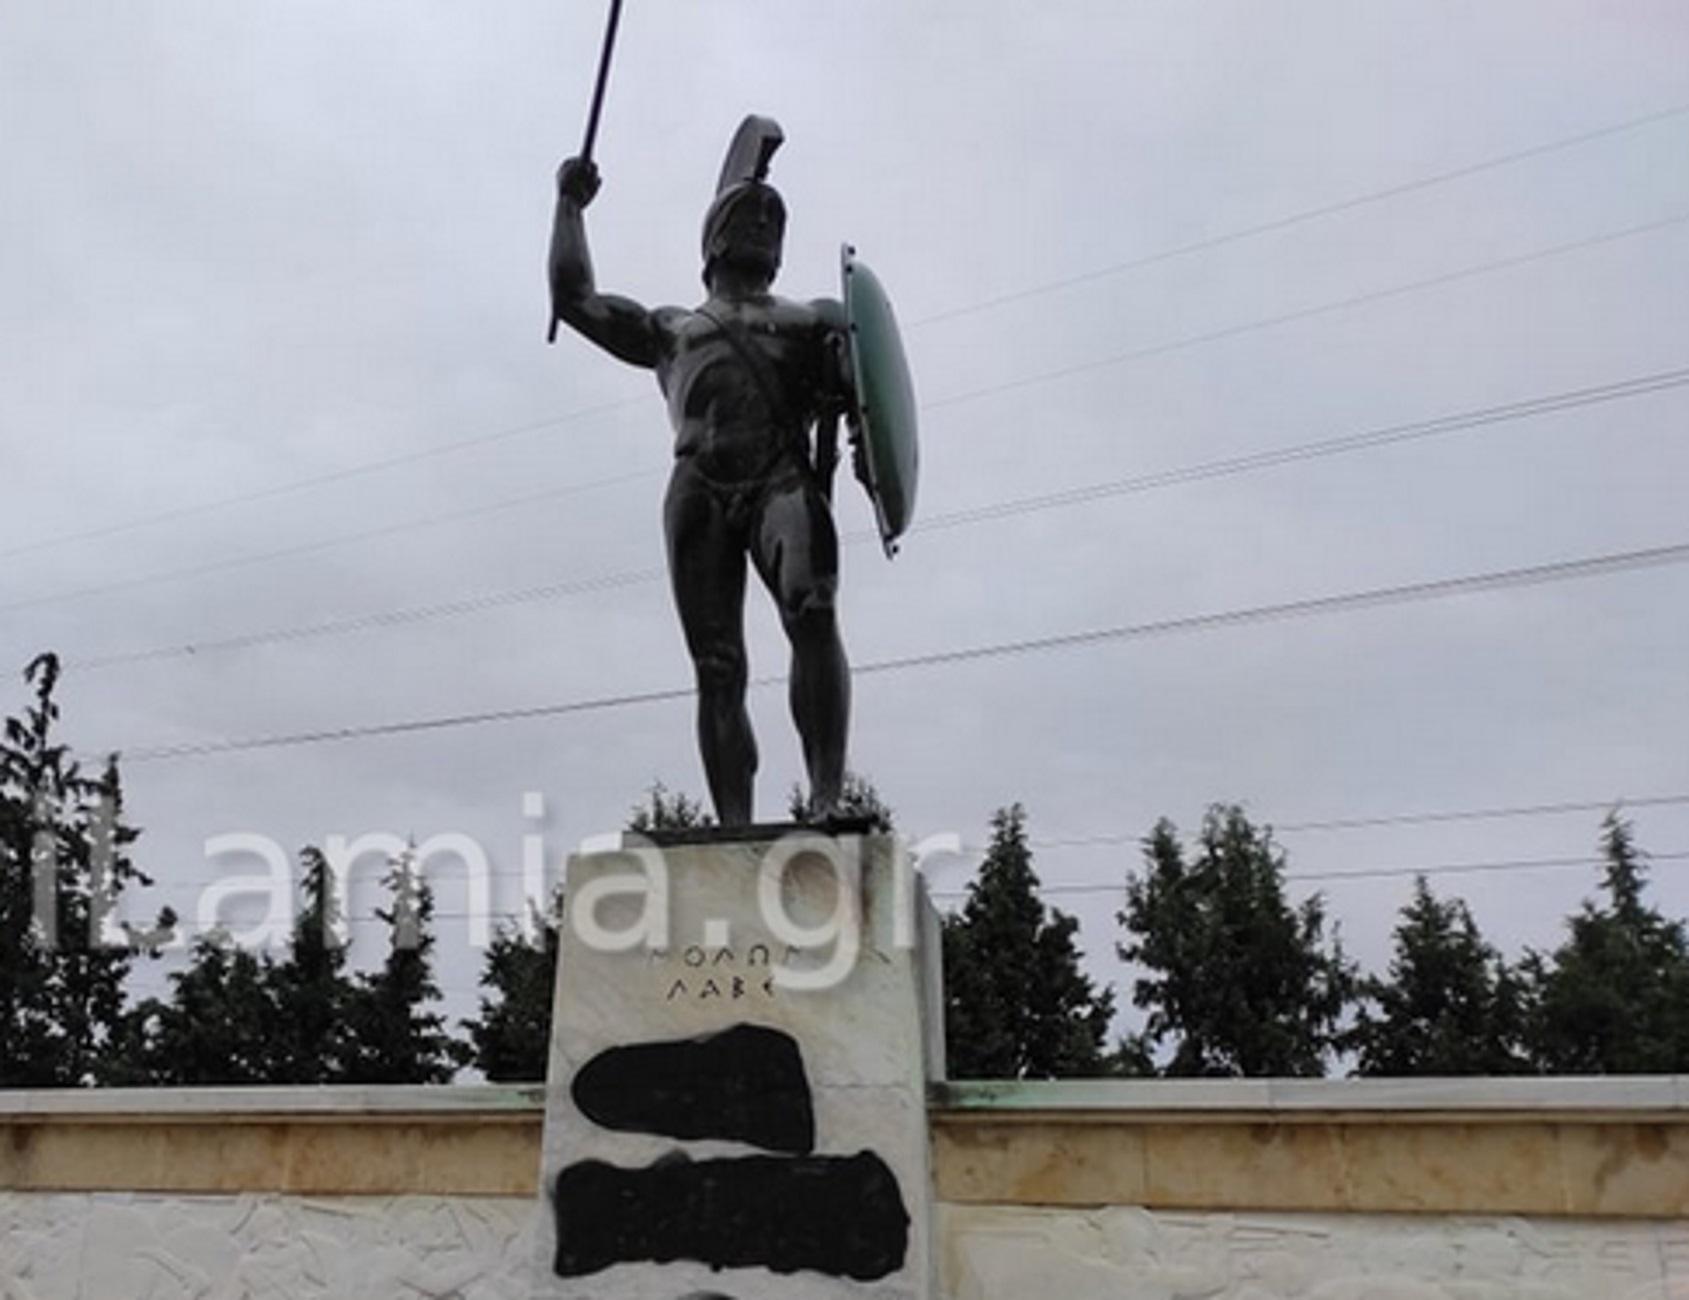 Θερμοπύλες: Βεβήλωσαν το μνημείο του Λεωνίδα ανήμερα της 28ης Οκτωβρίου! Αυτοψία στο σημείο (Φωτό)